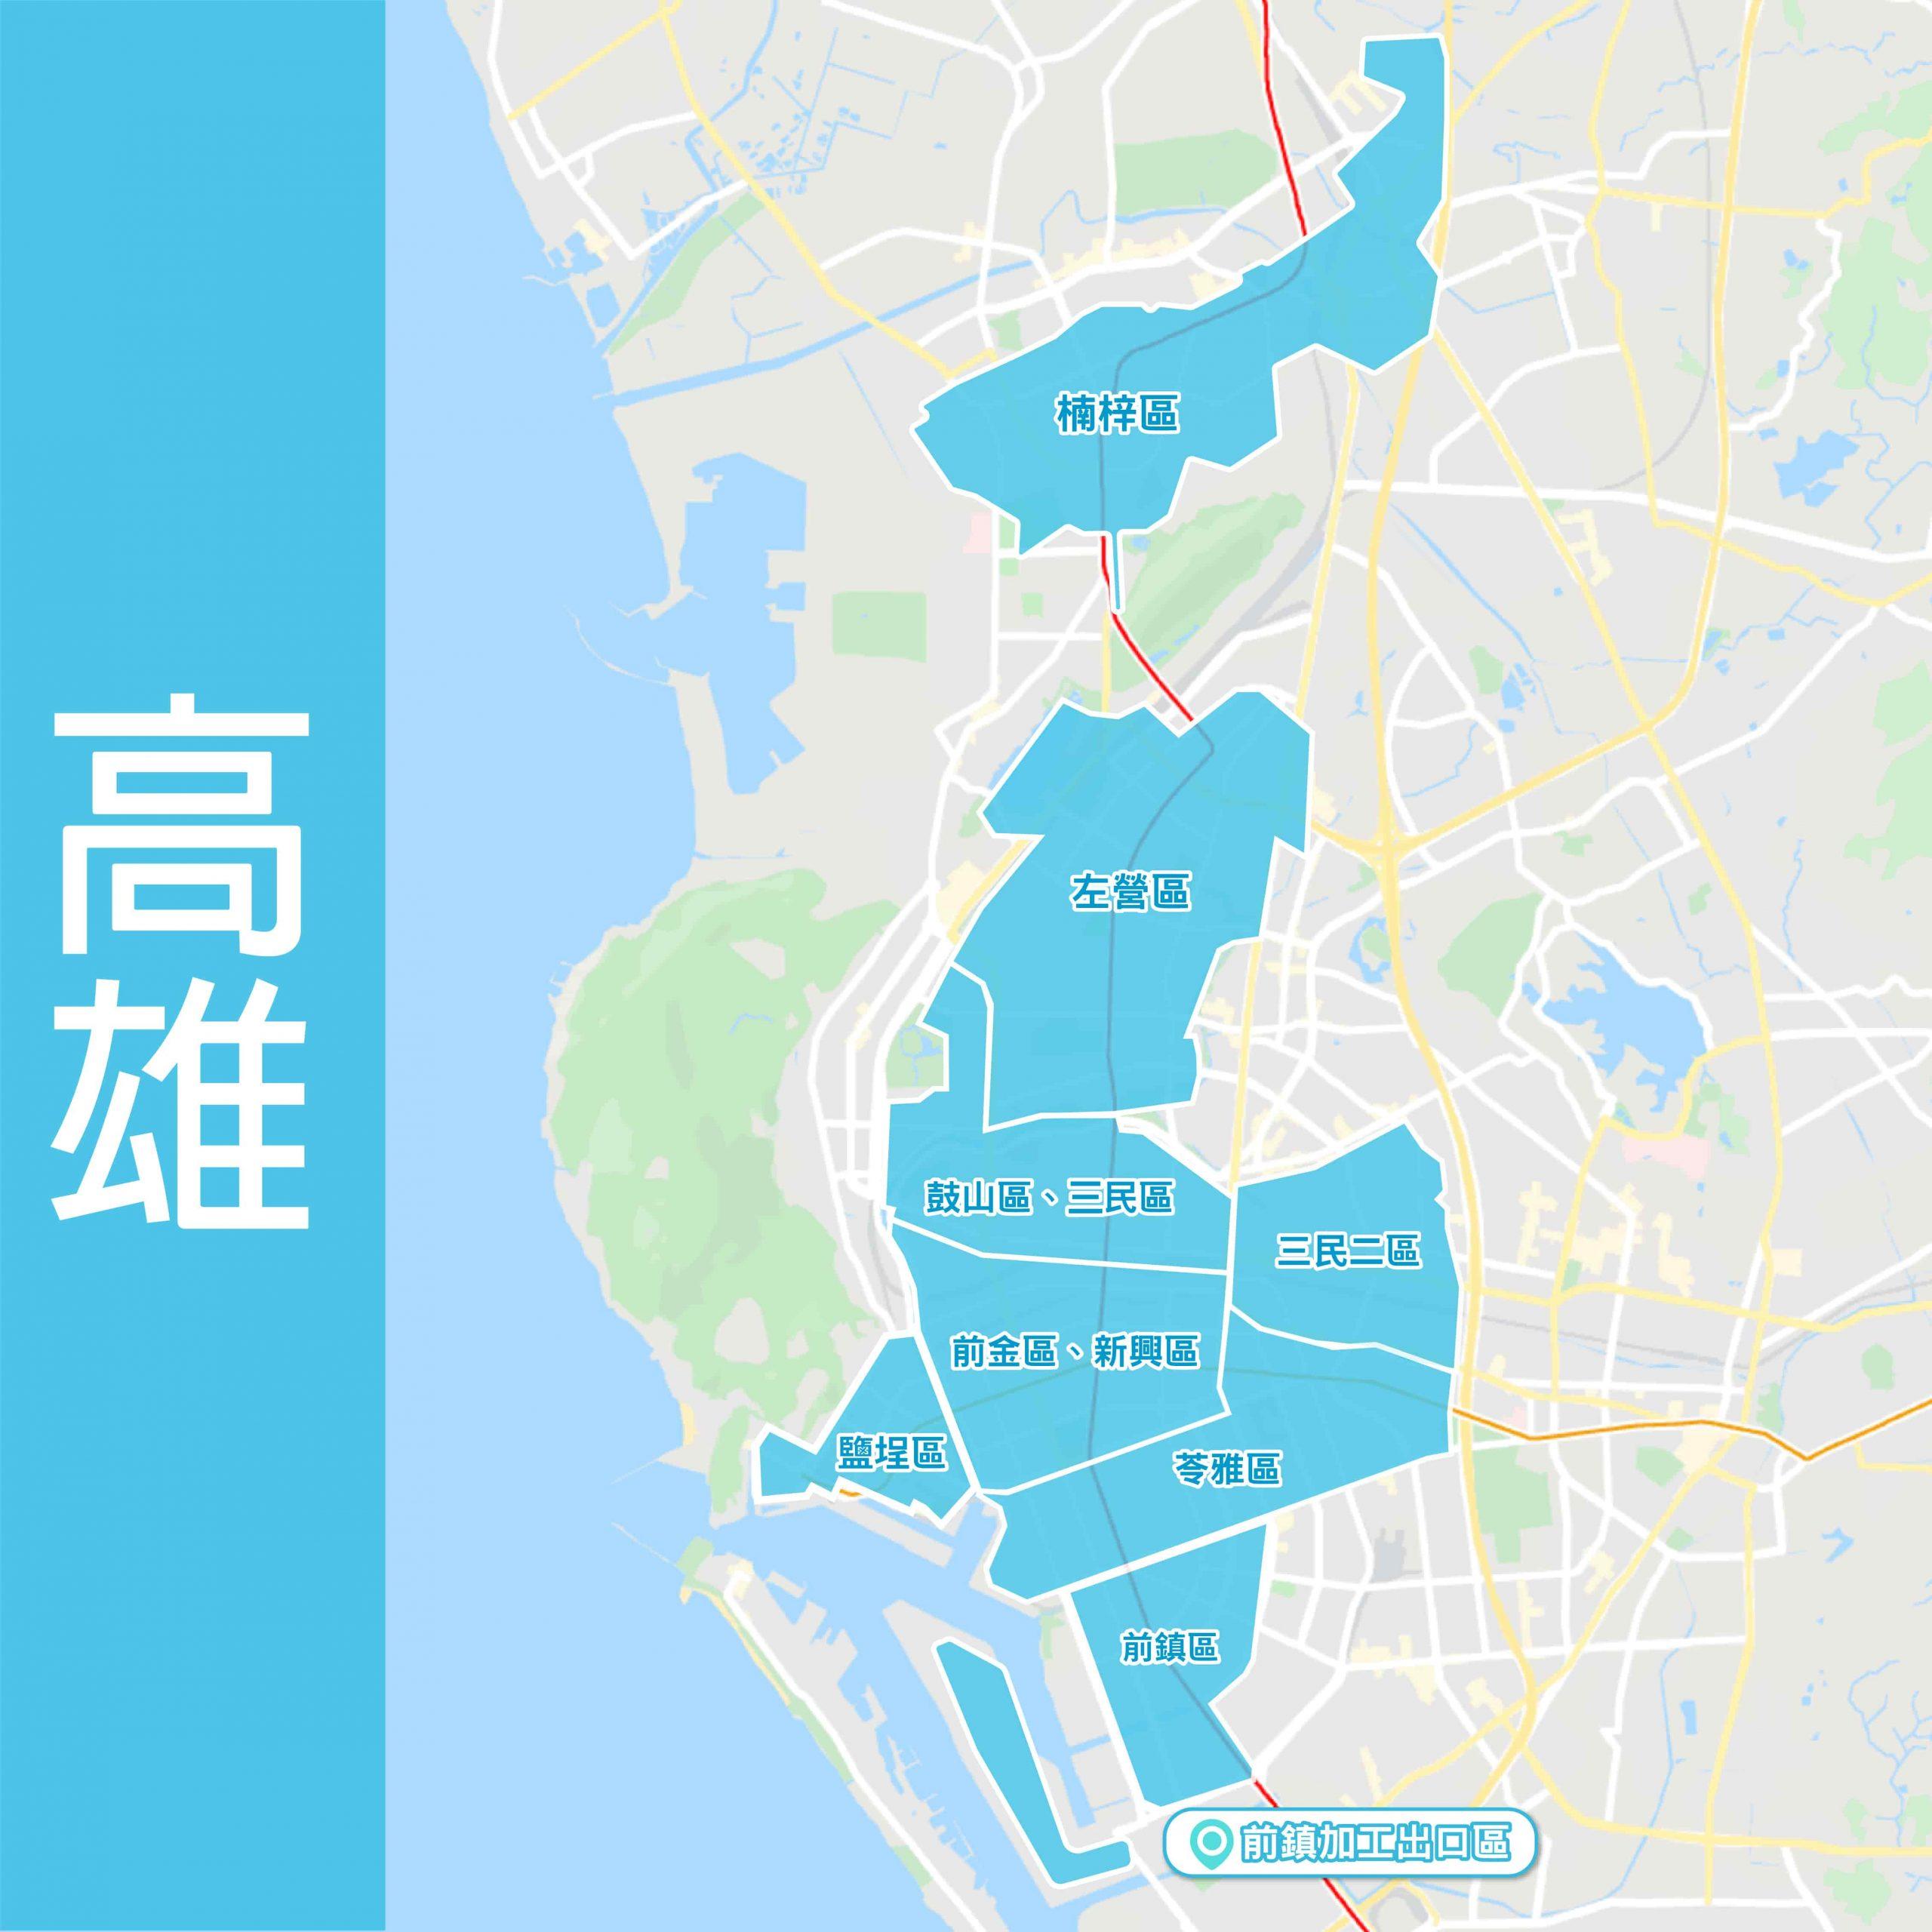 高雄營運地圖